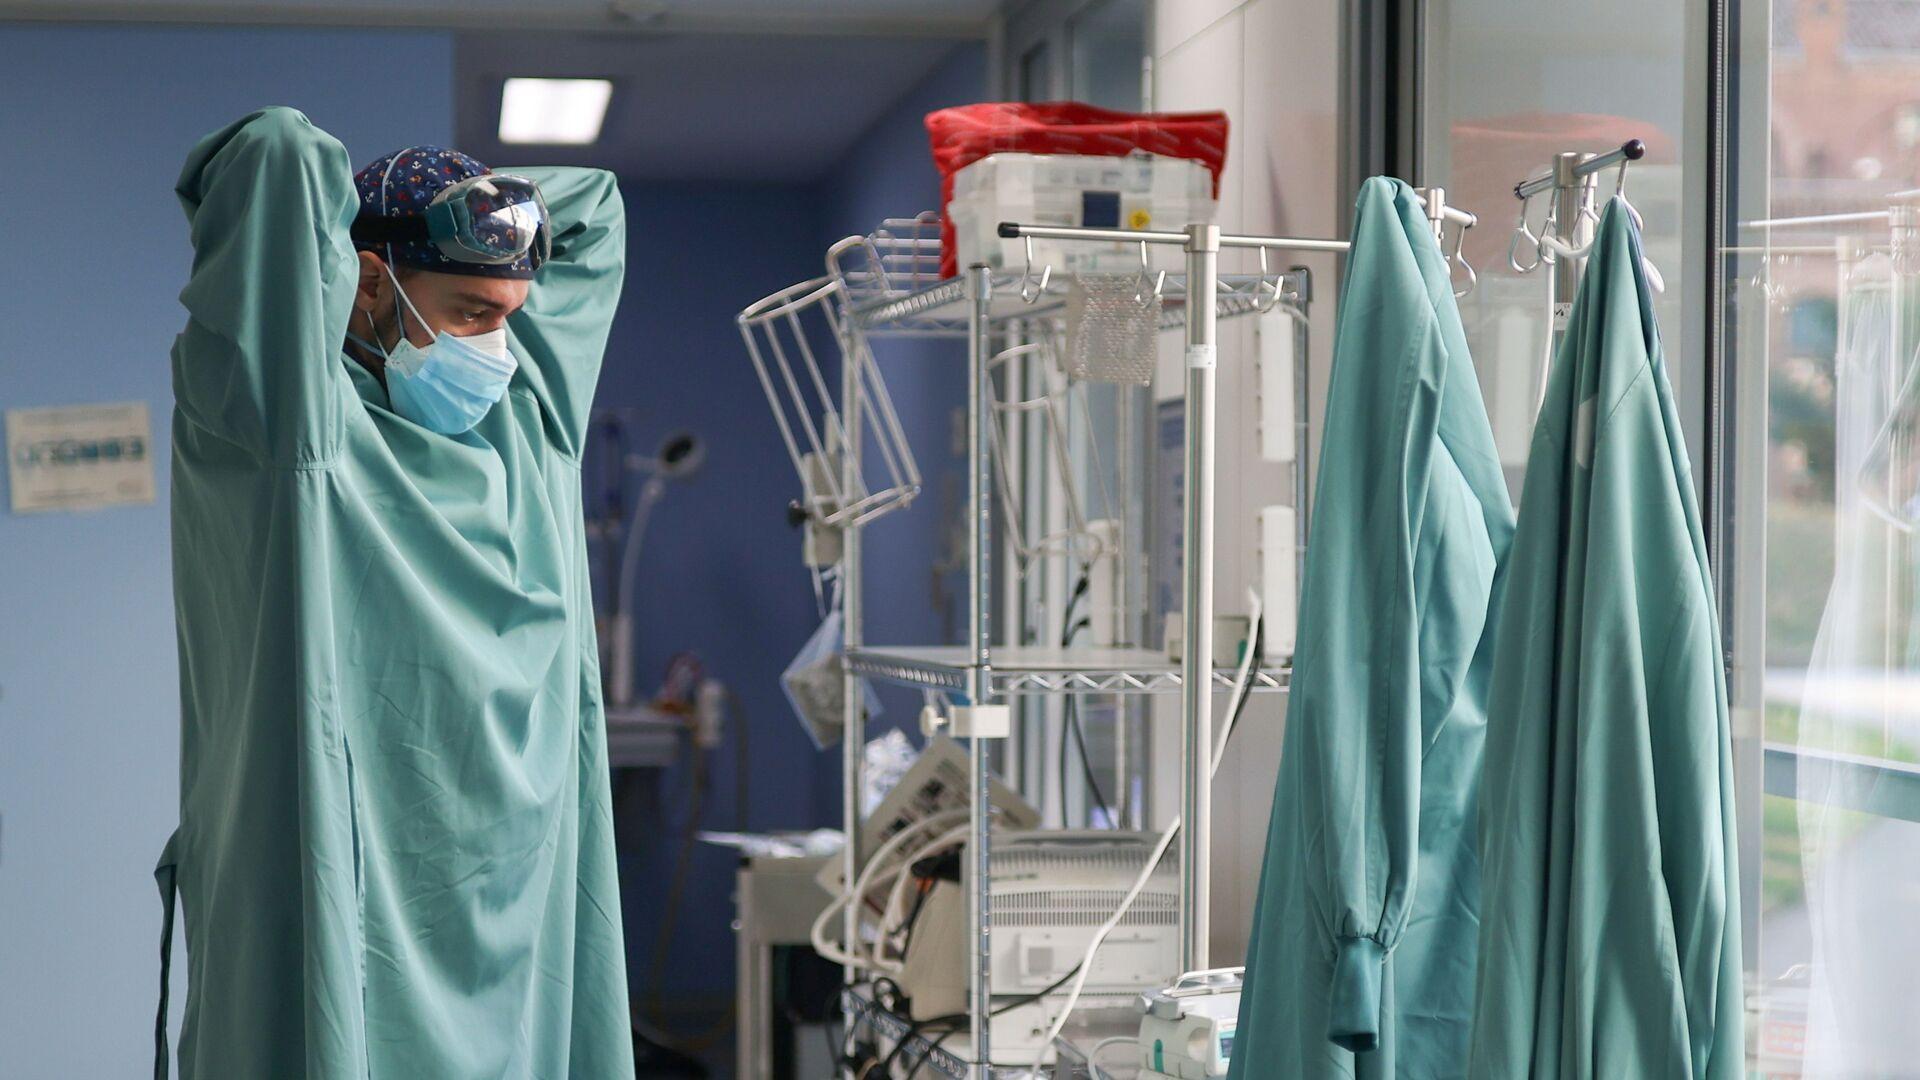 Un trabajador sanitario se prepara para tratar a un paciente que padece la enfermedad por coronavirus - Sputnik Mundo, 1920, 02.02.2021